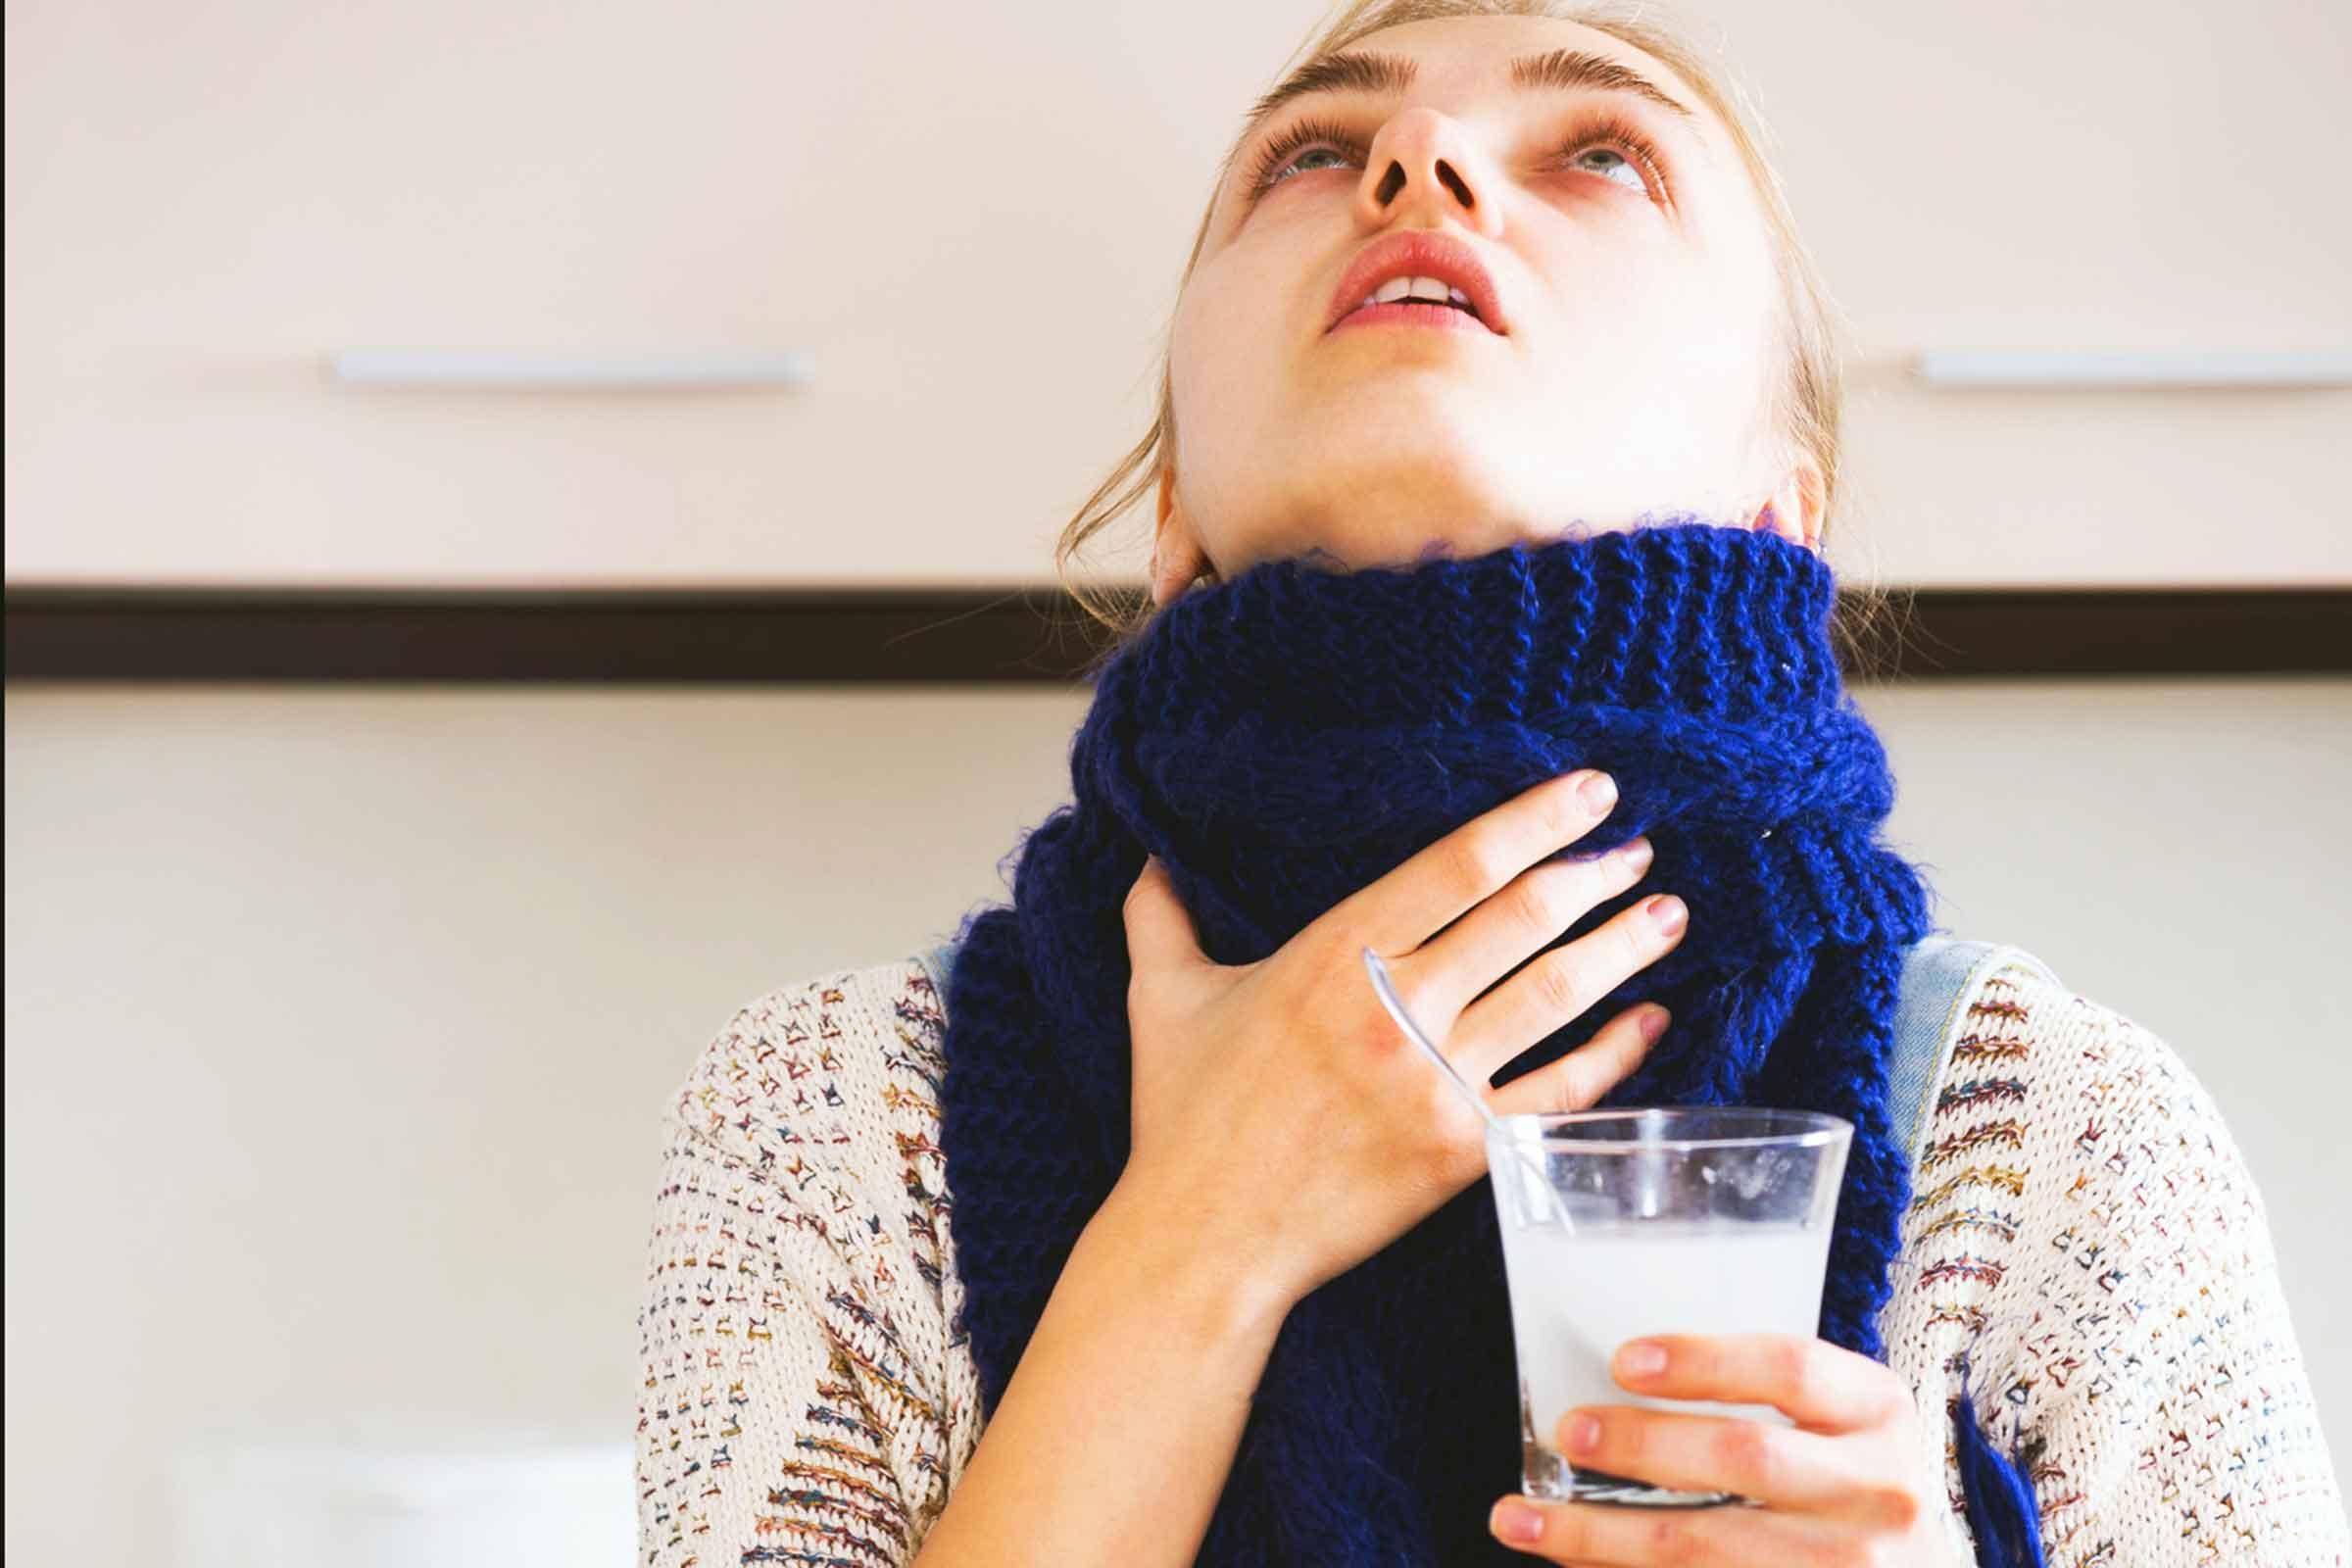 можно ли полоскать горло солью при ангине